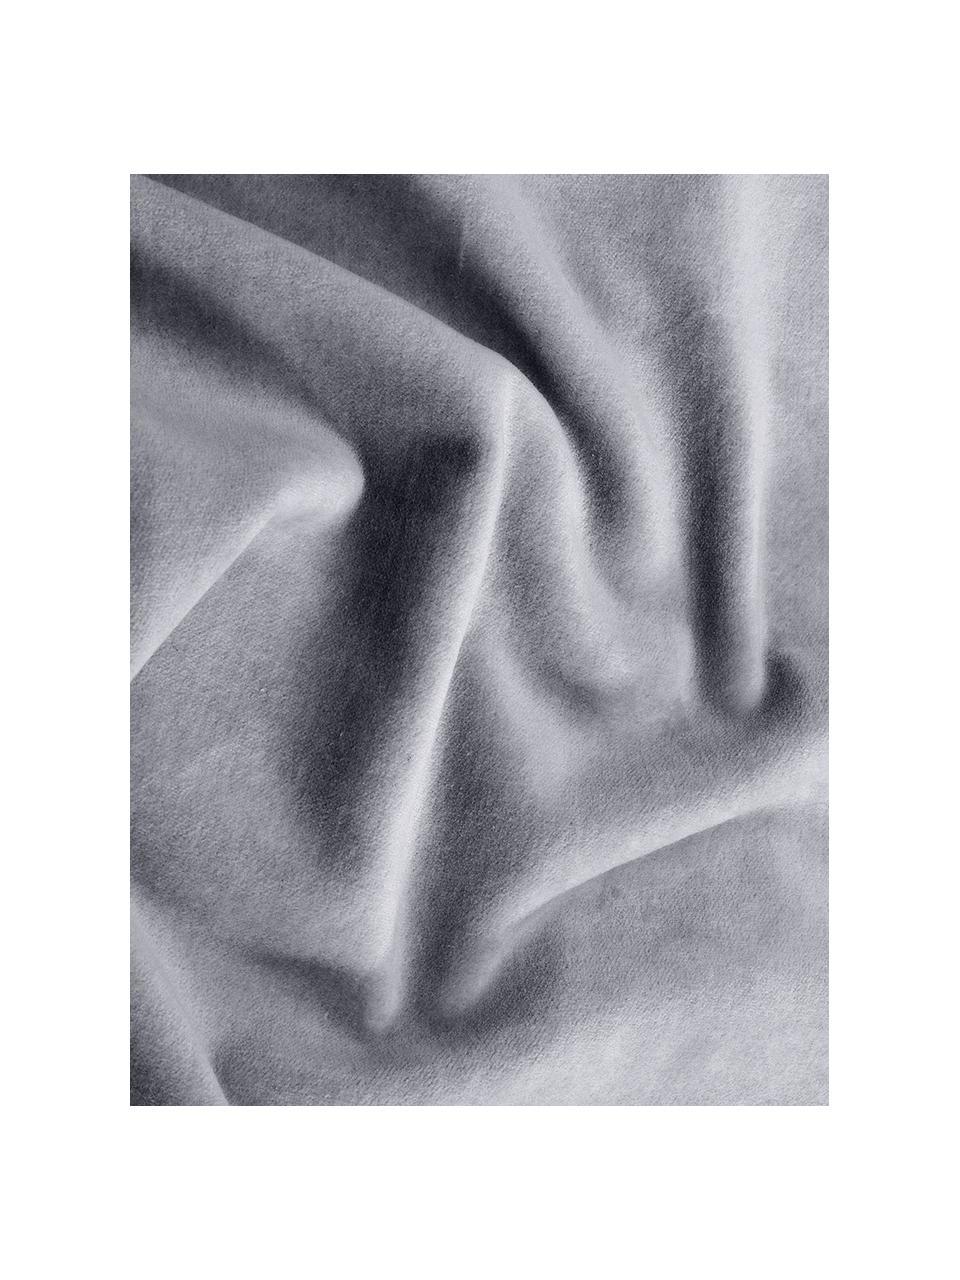 Einfarbige Samt-Kissenhülle Dana in Grau, Baumwollsamt, Grau, 40 x 40 cm